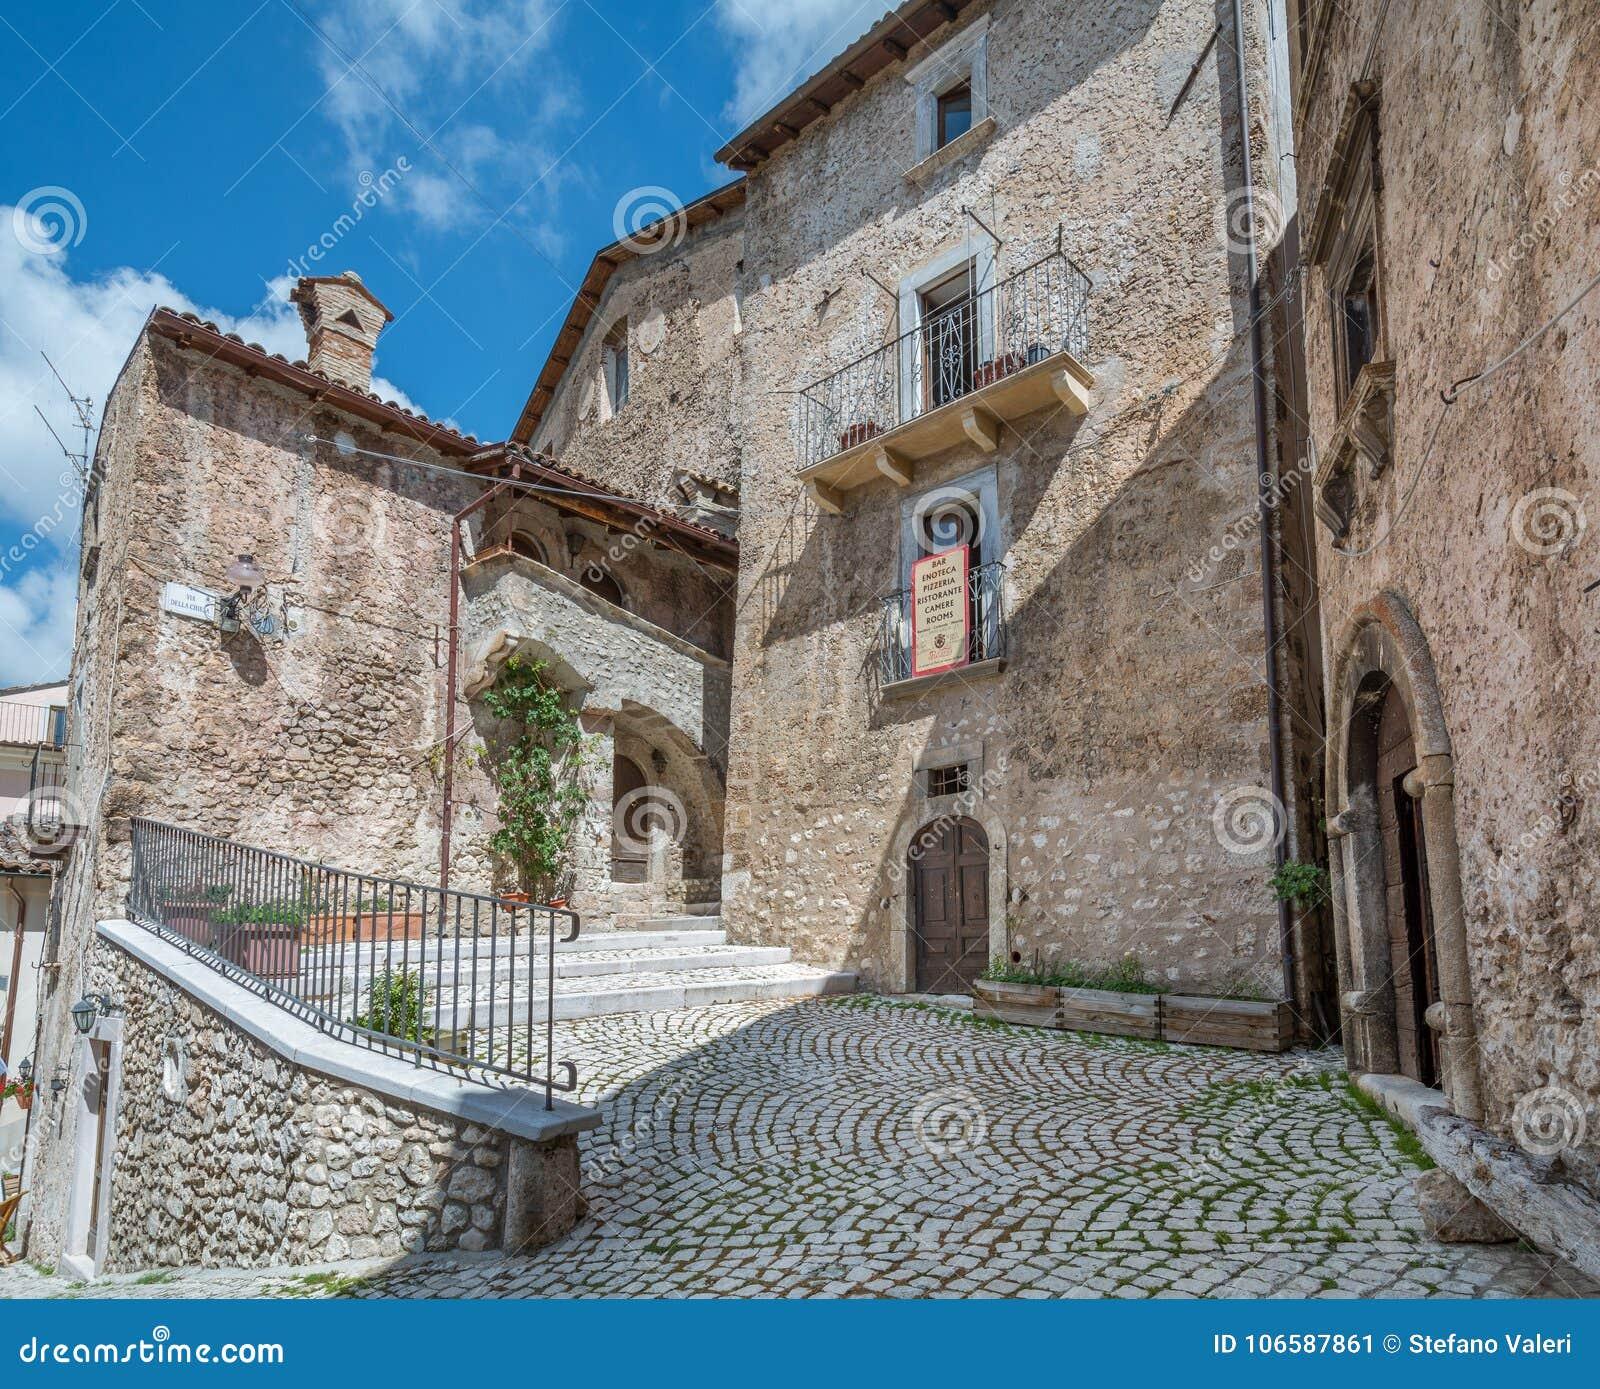 Scenic sight in Santo Stefano di Sessanio, province of L`Aquila, Abruzzo, central Italy.